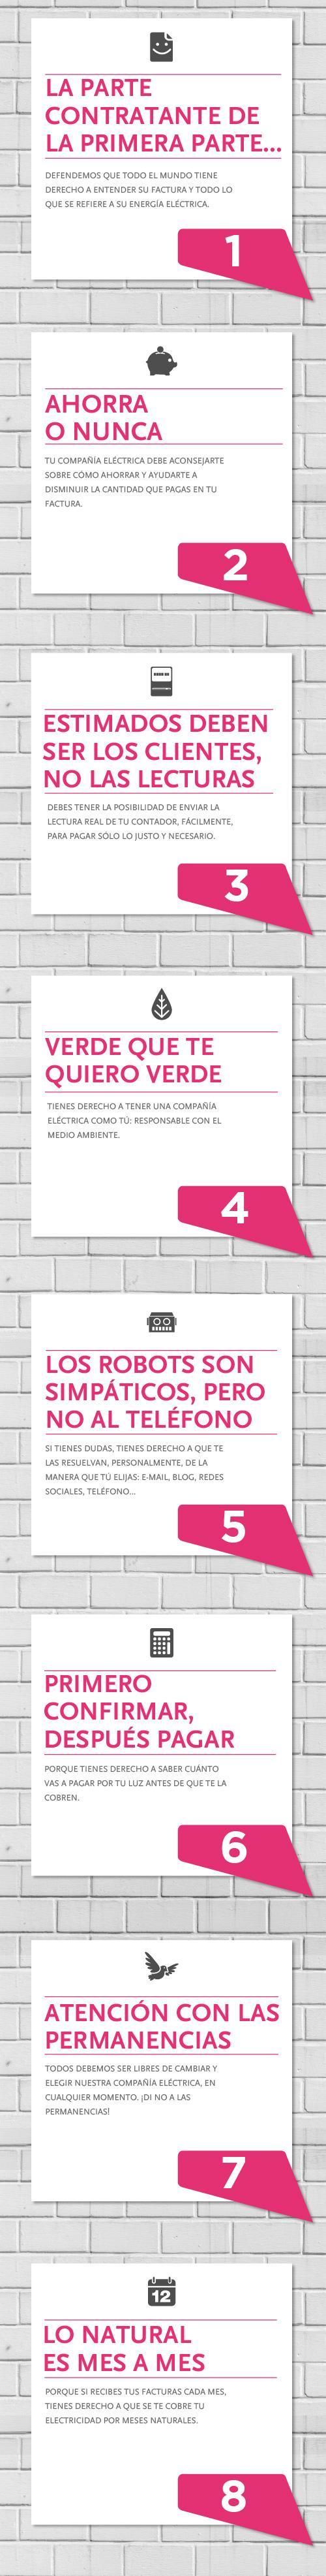 manifiesto_completo (1)